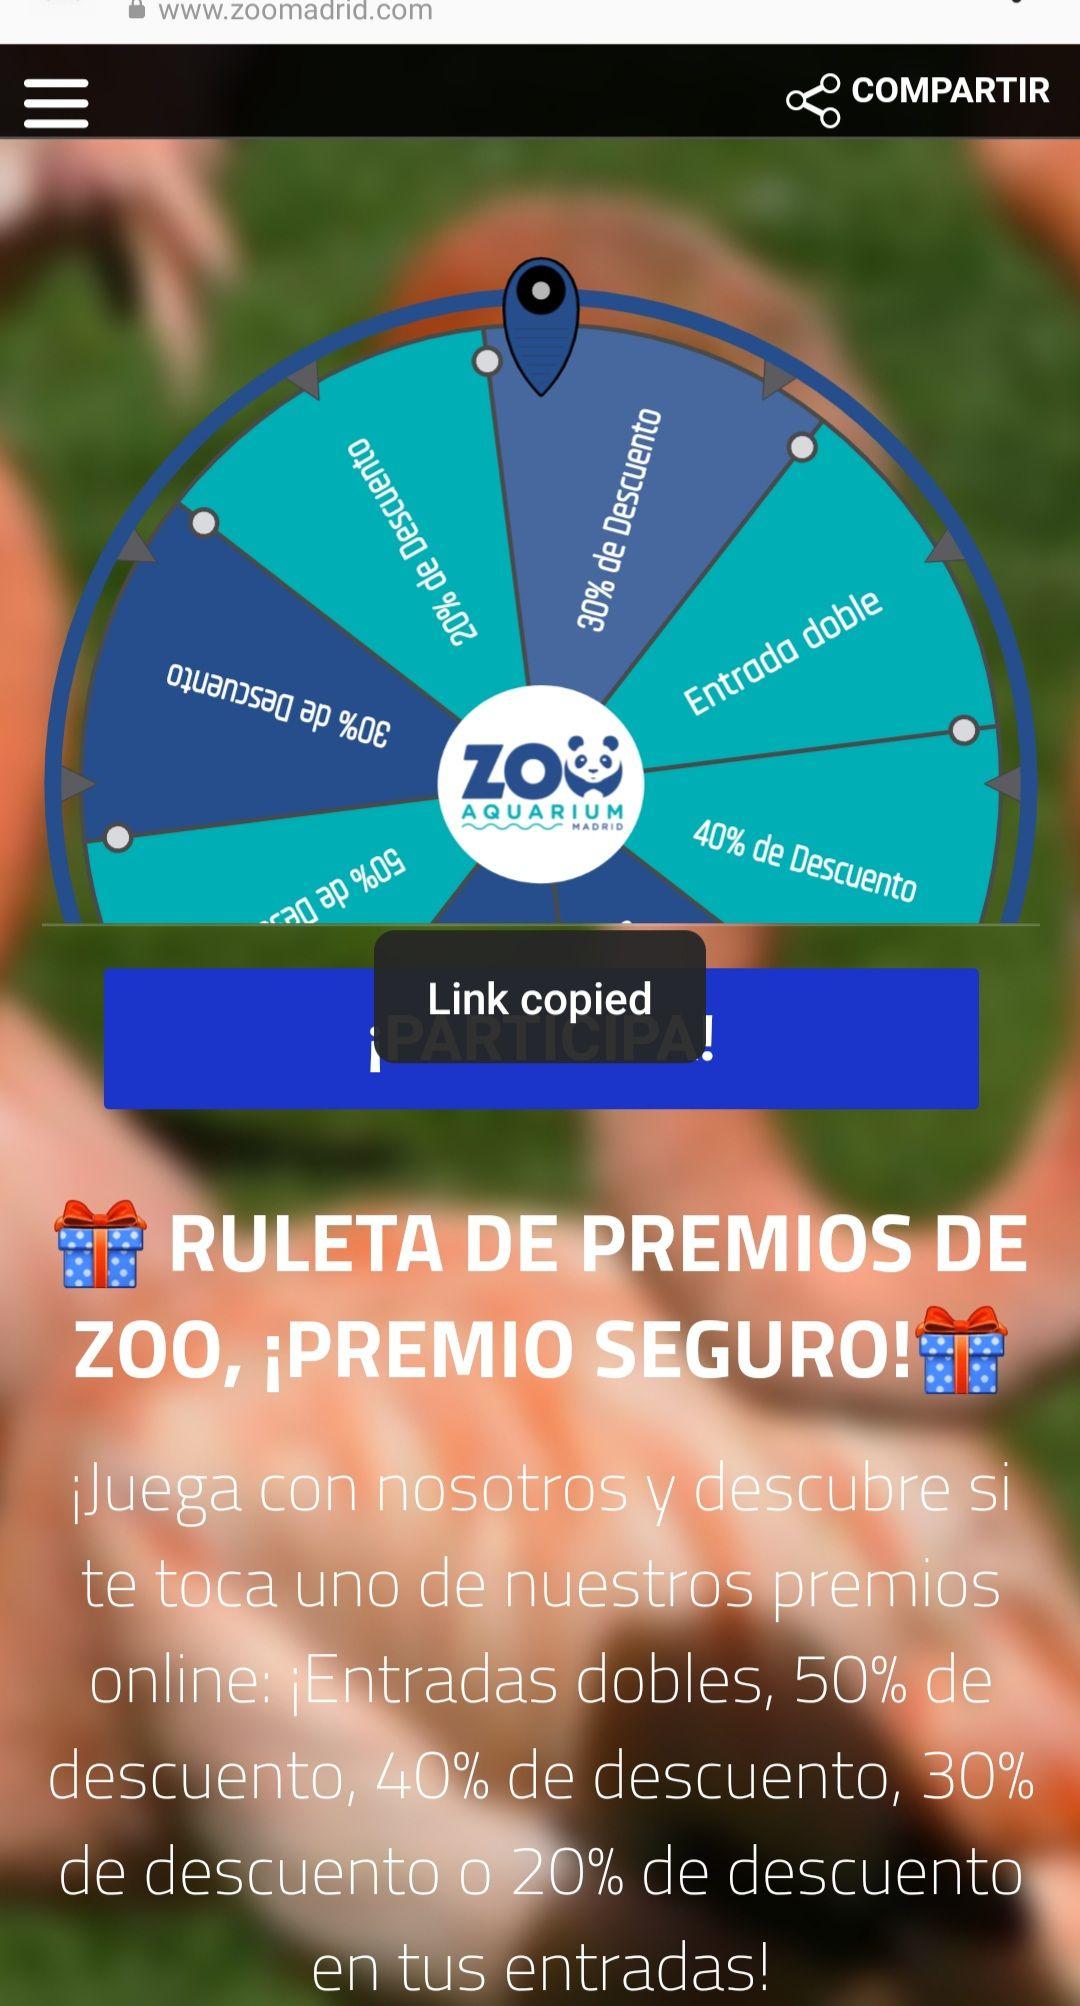 ZOO Aquarium Madrid entradas dobles y descuentos